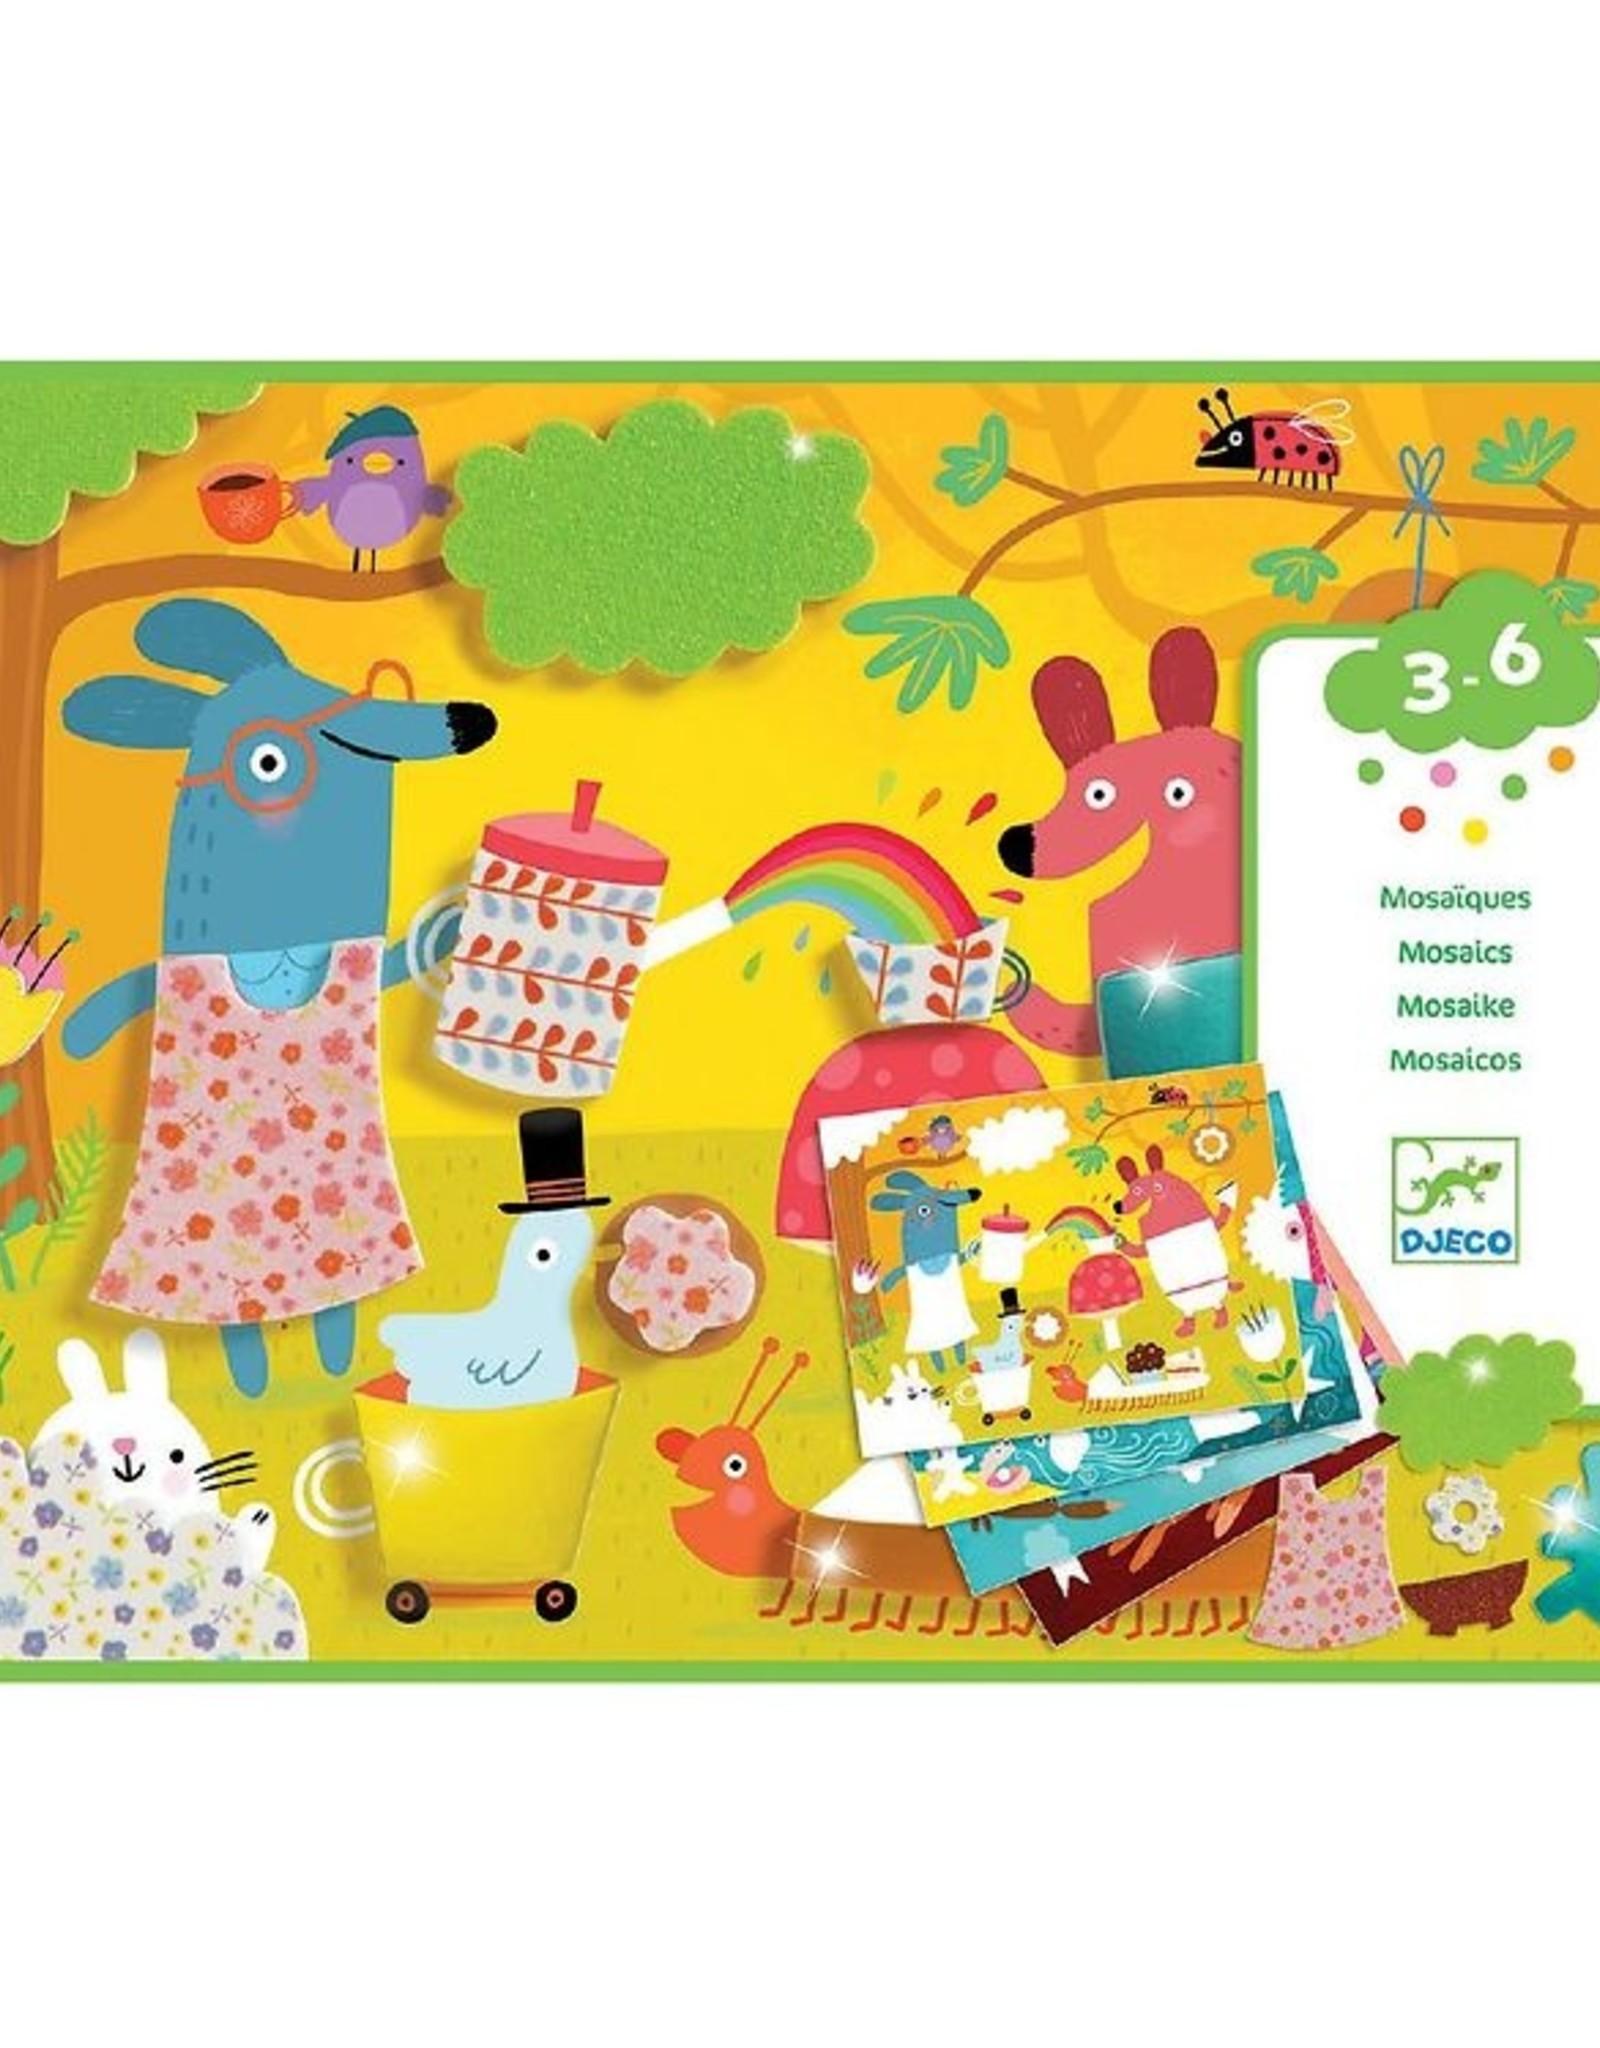 Djeco Mozaiek met dieren